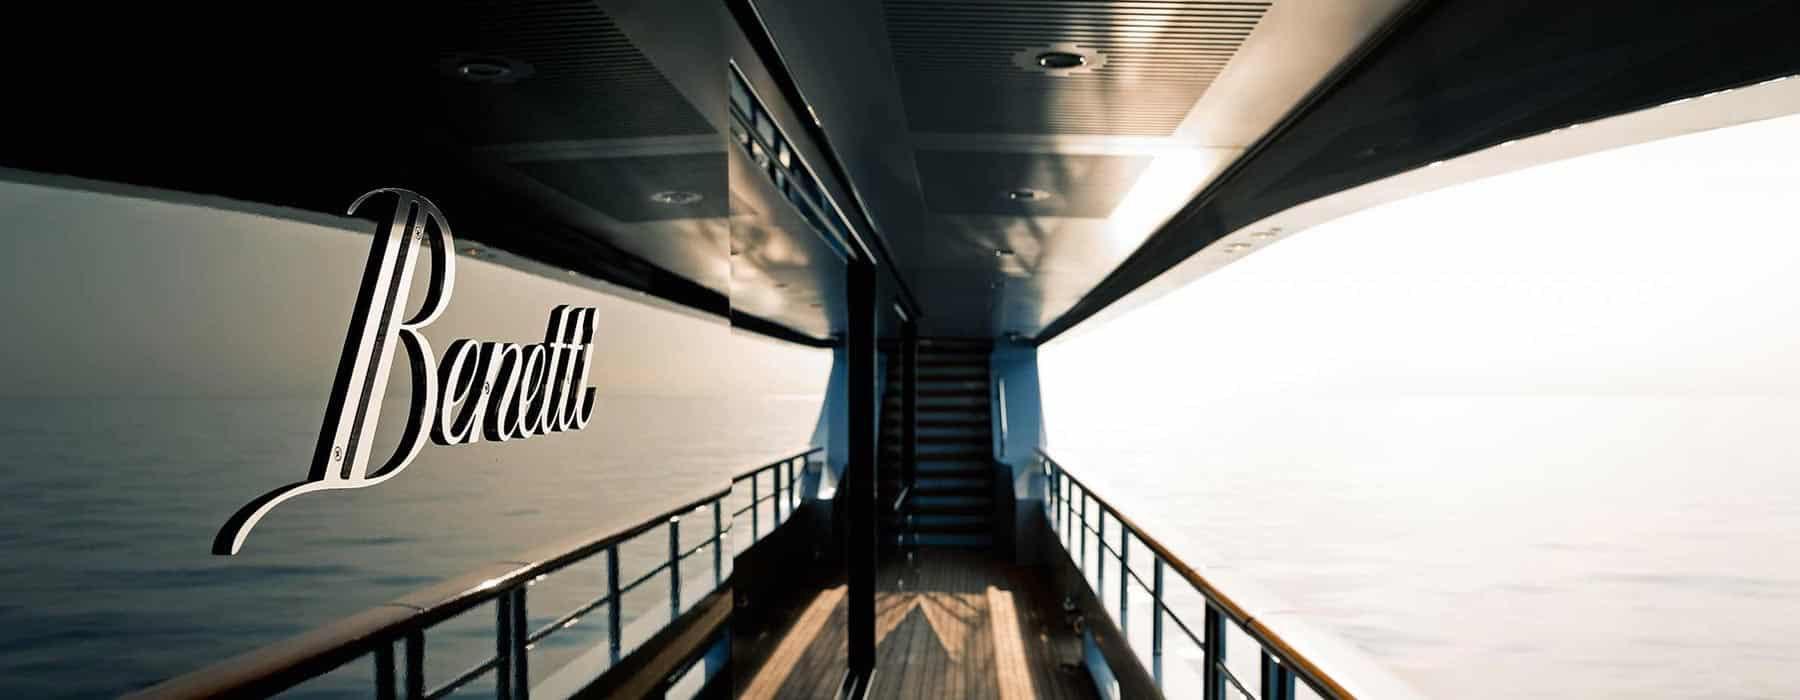 Benetti Yachts Shipyard